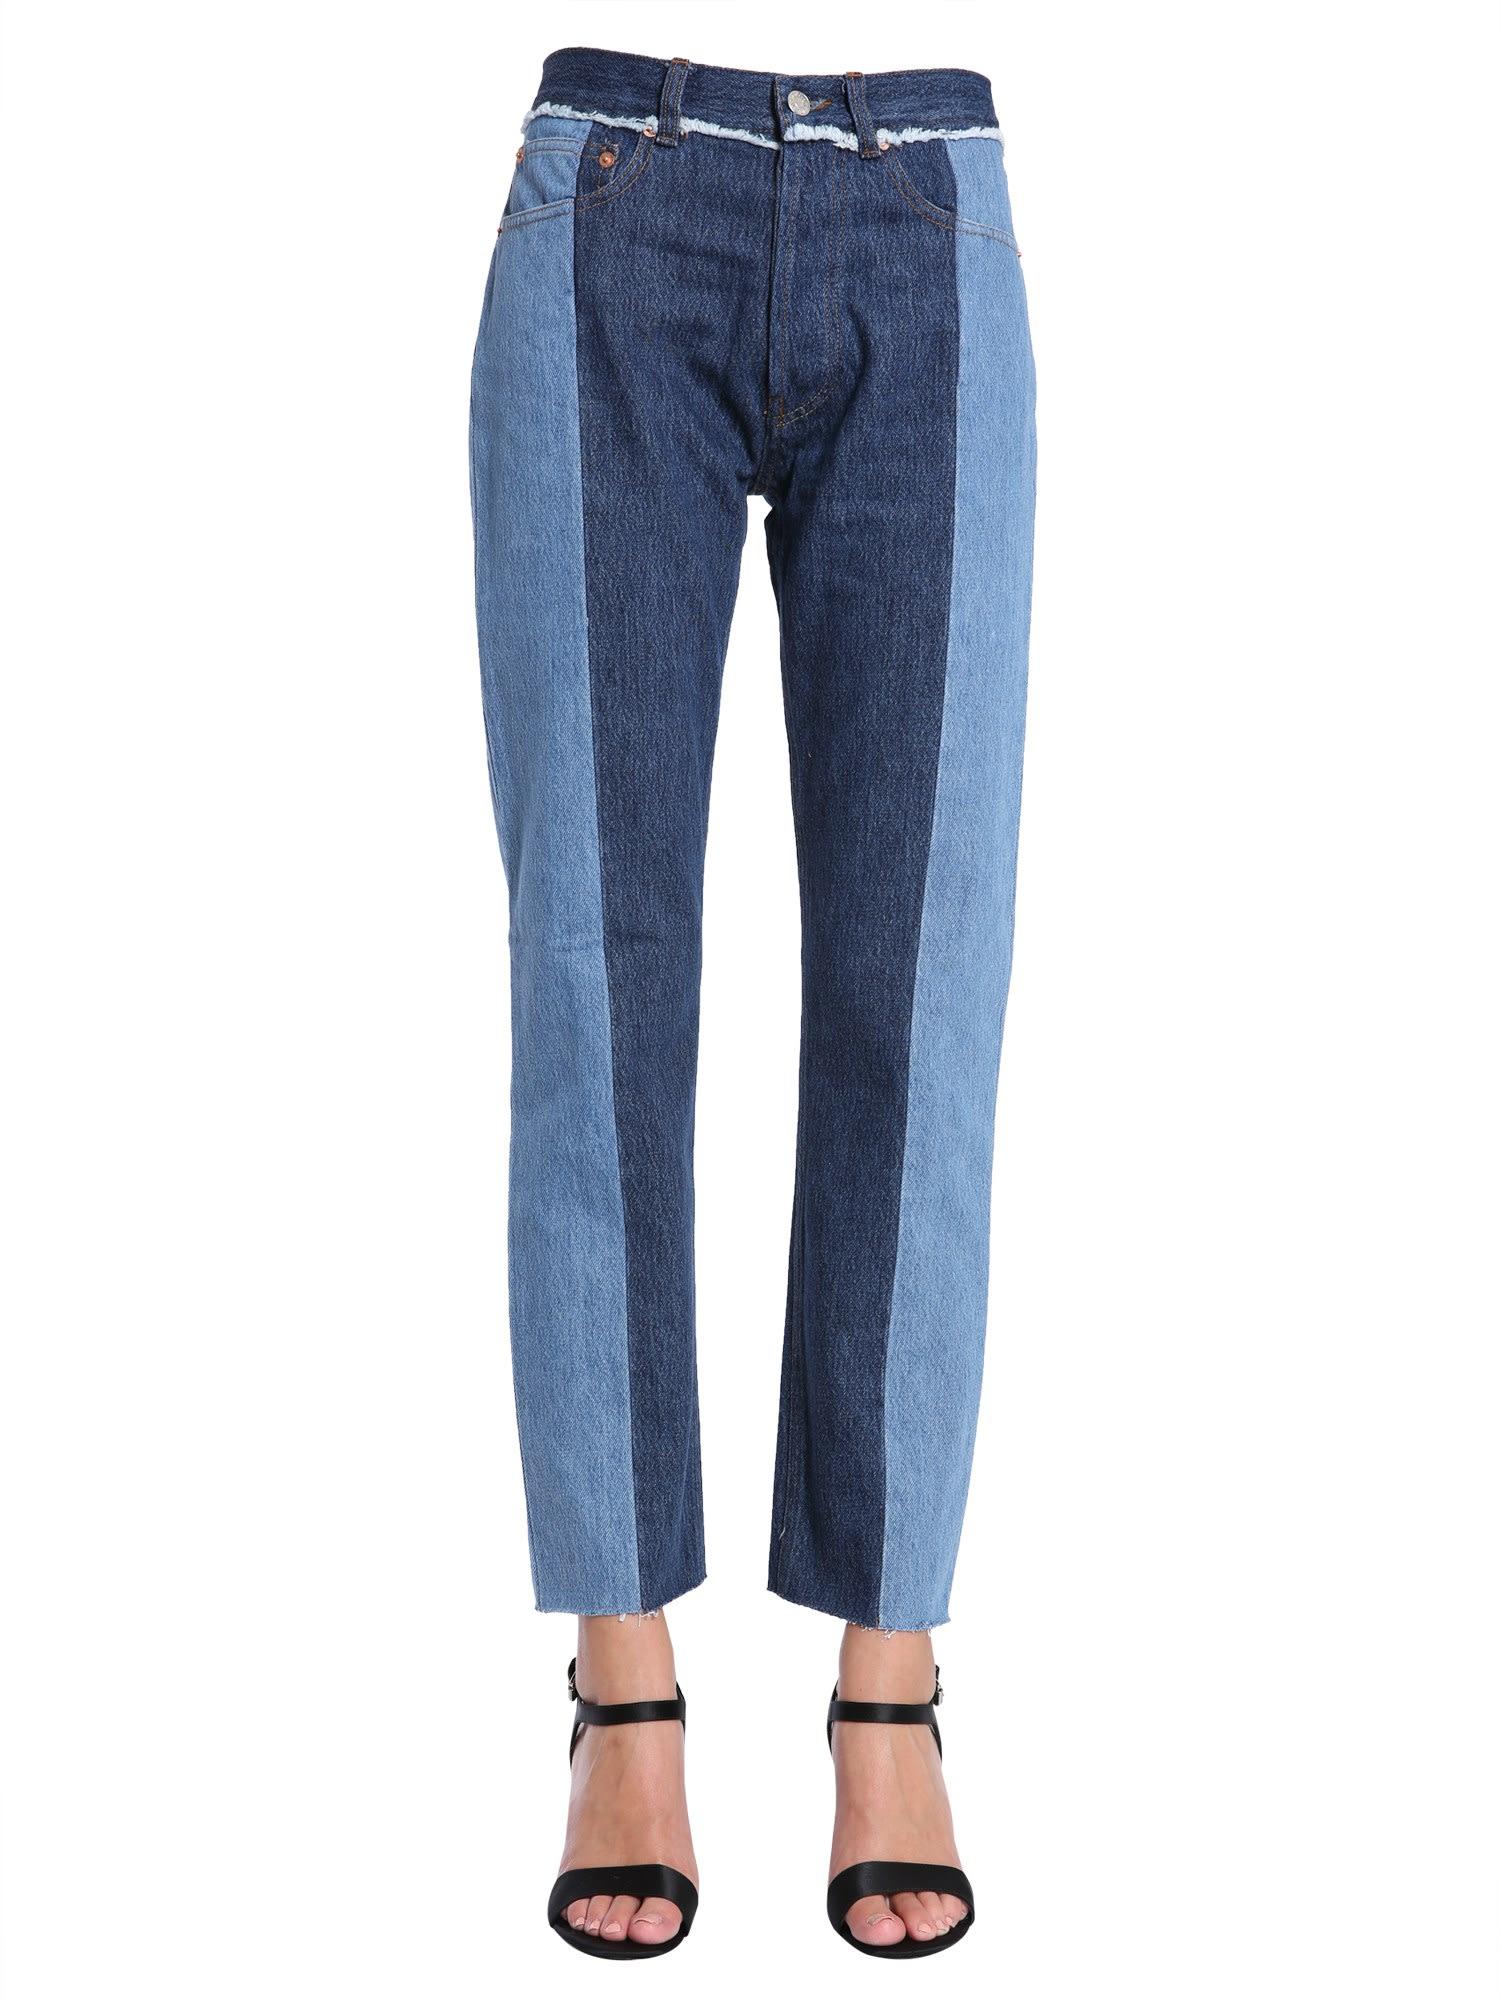 Double Ii Jeans